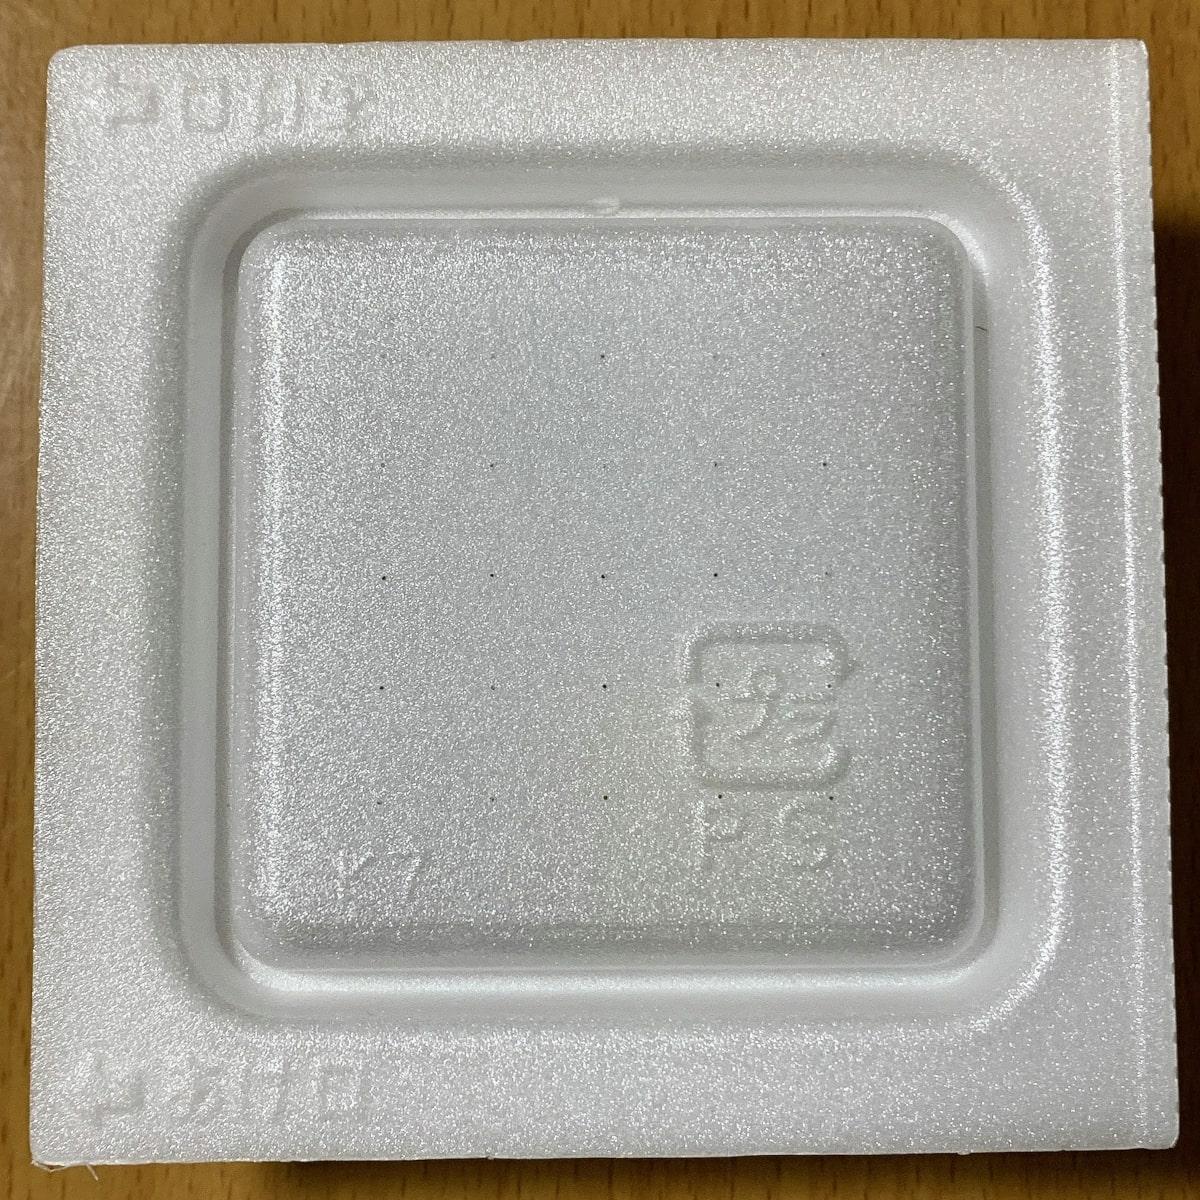 「極だし納豆」の容器の画像